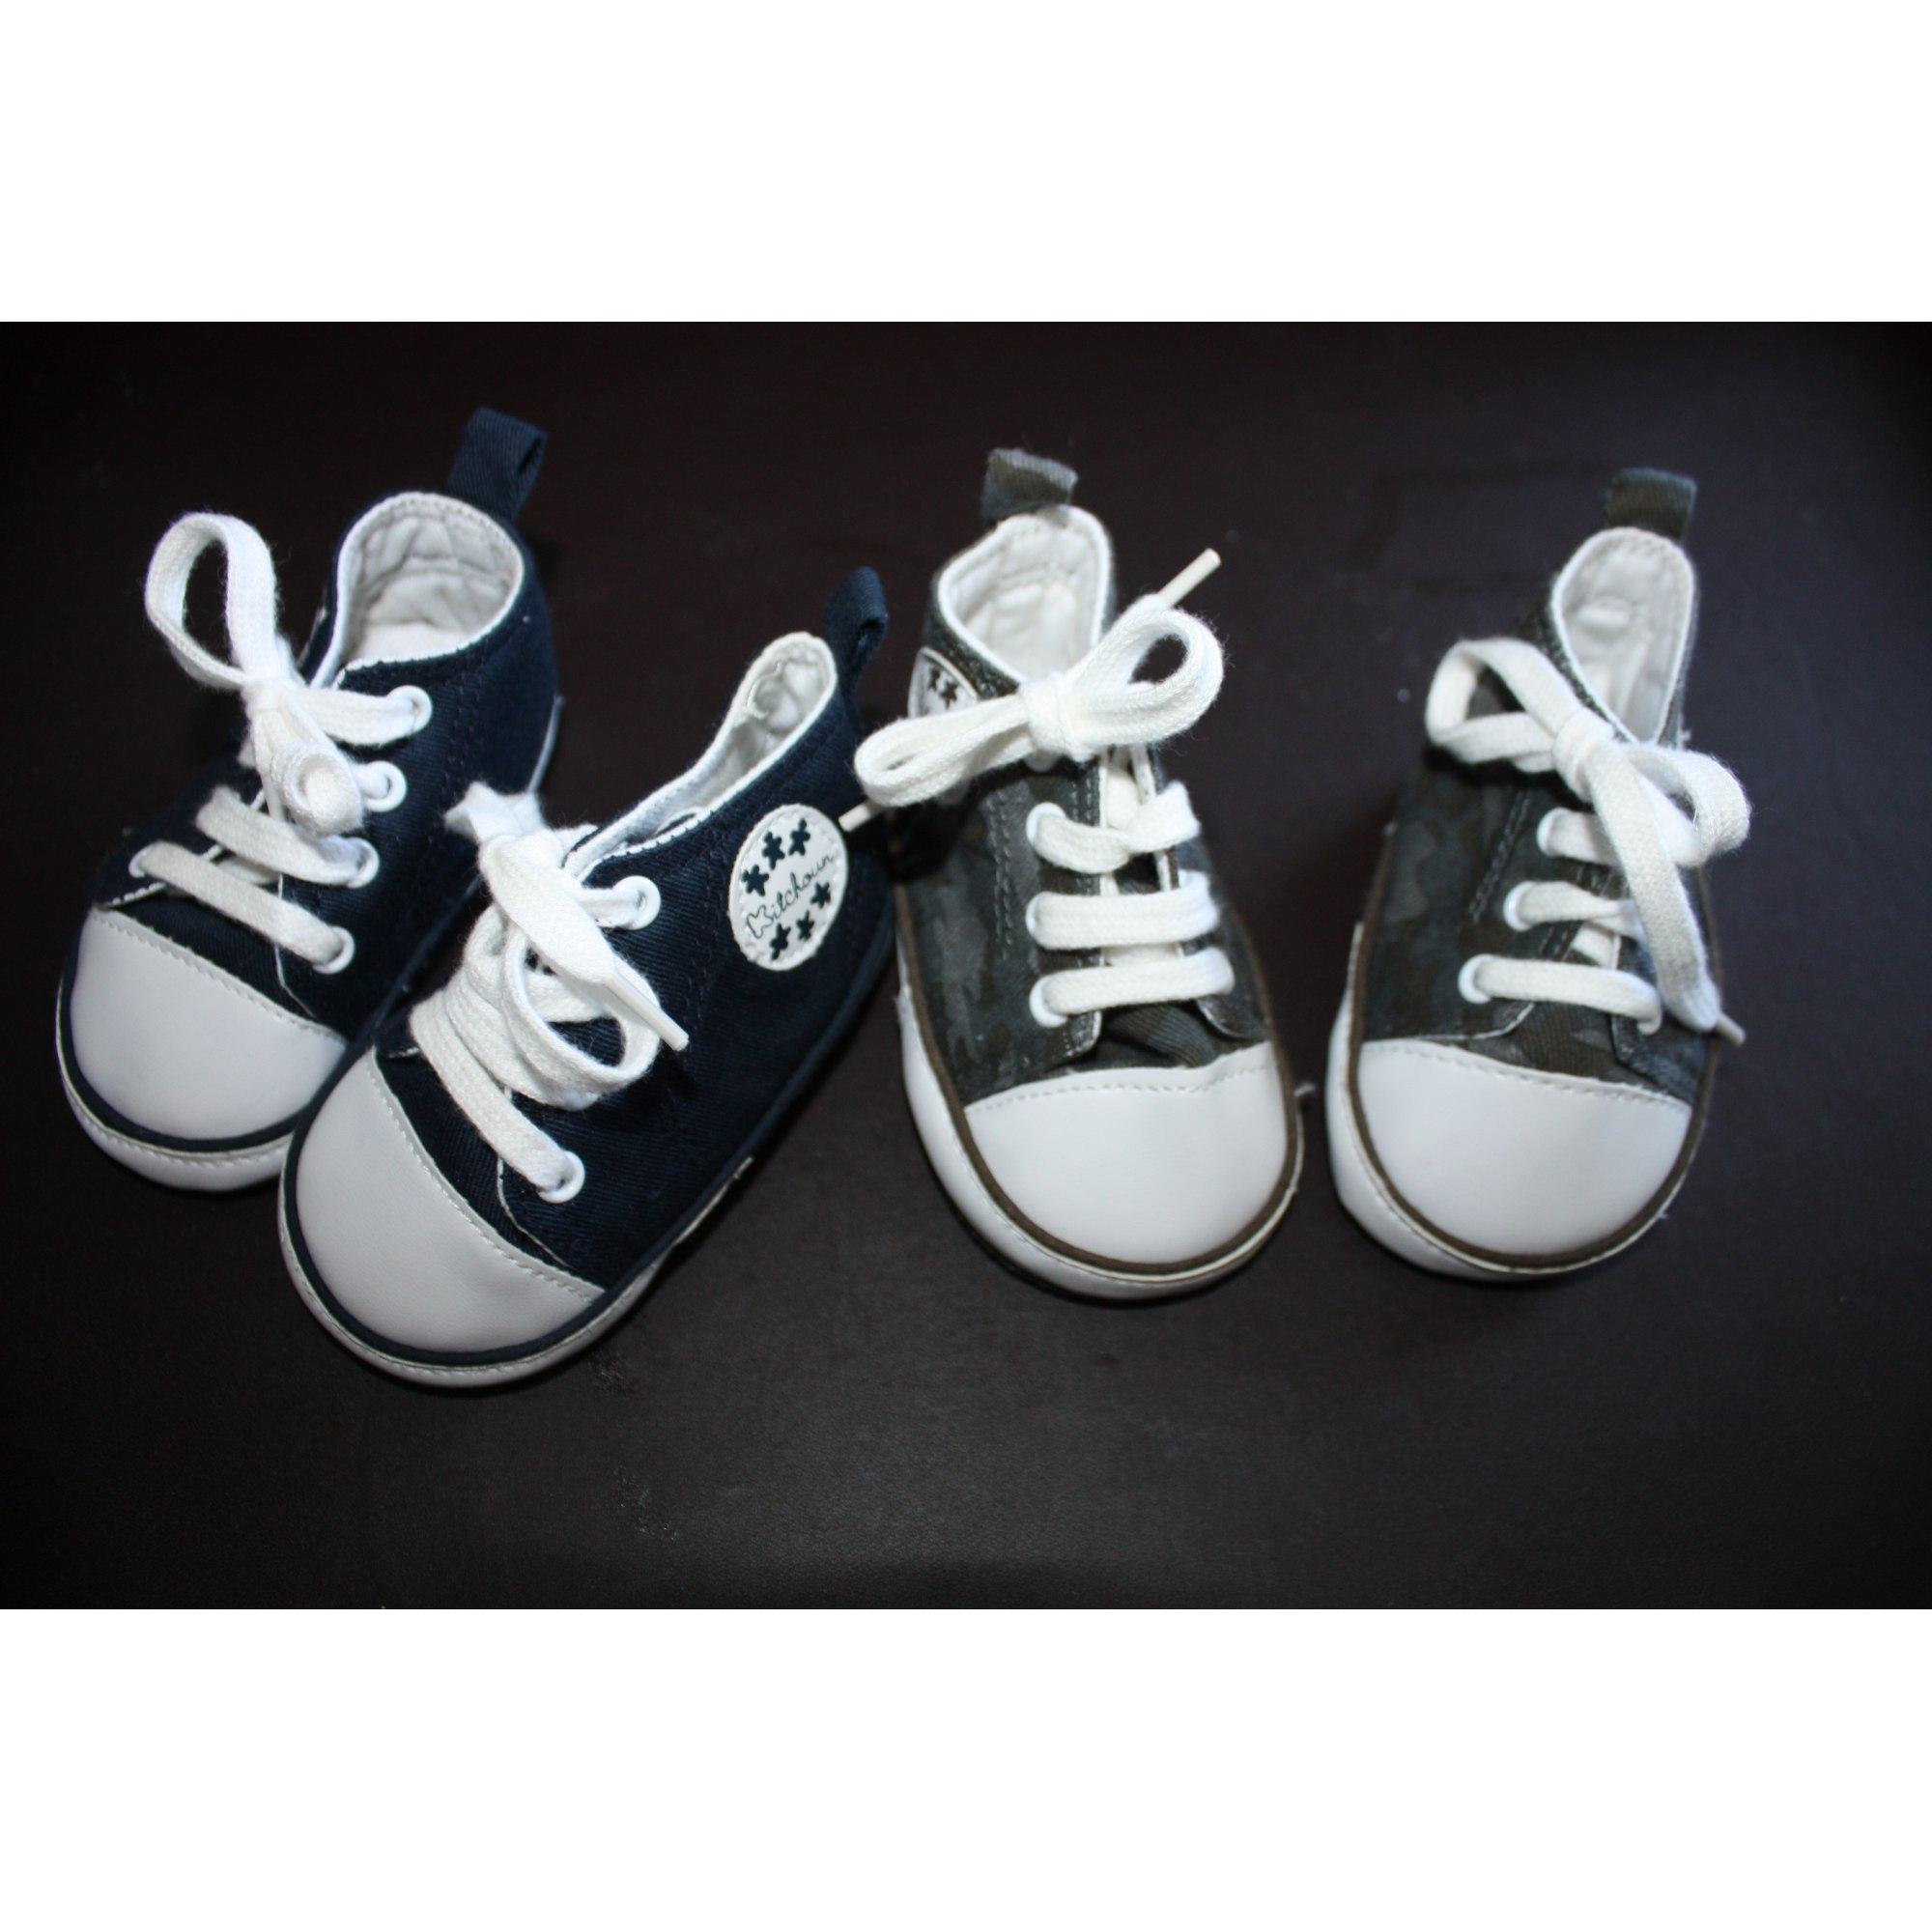 64f1ac12db673 Chaussures à lacets KITCHOUN 12 mois multicouleur - 710389